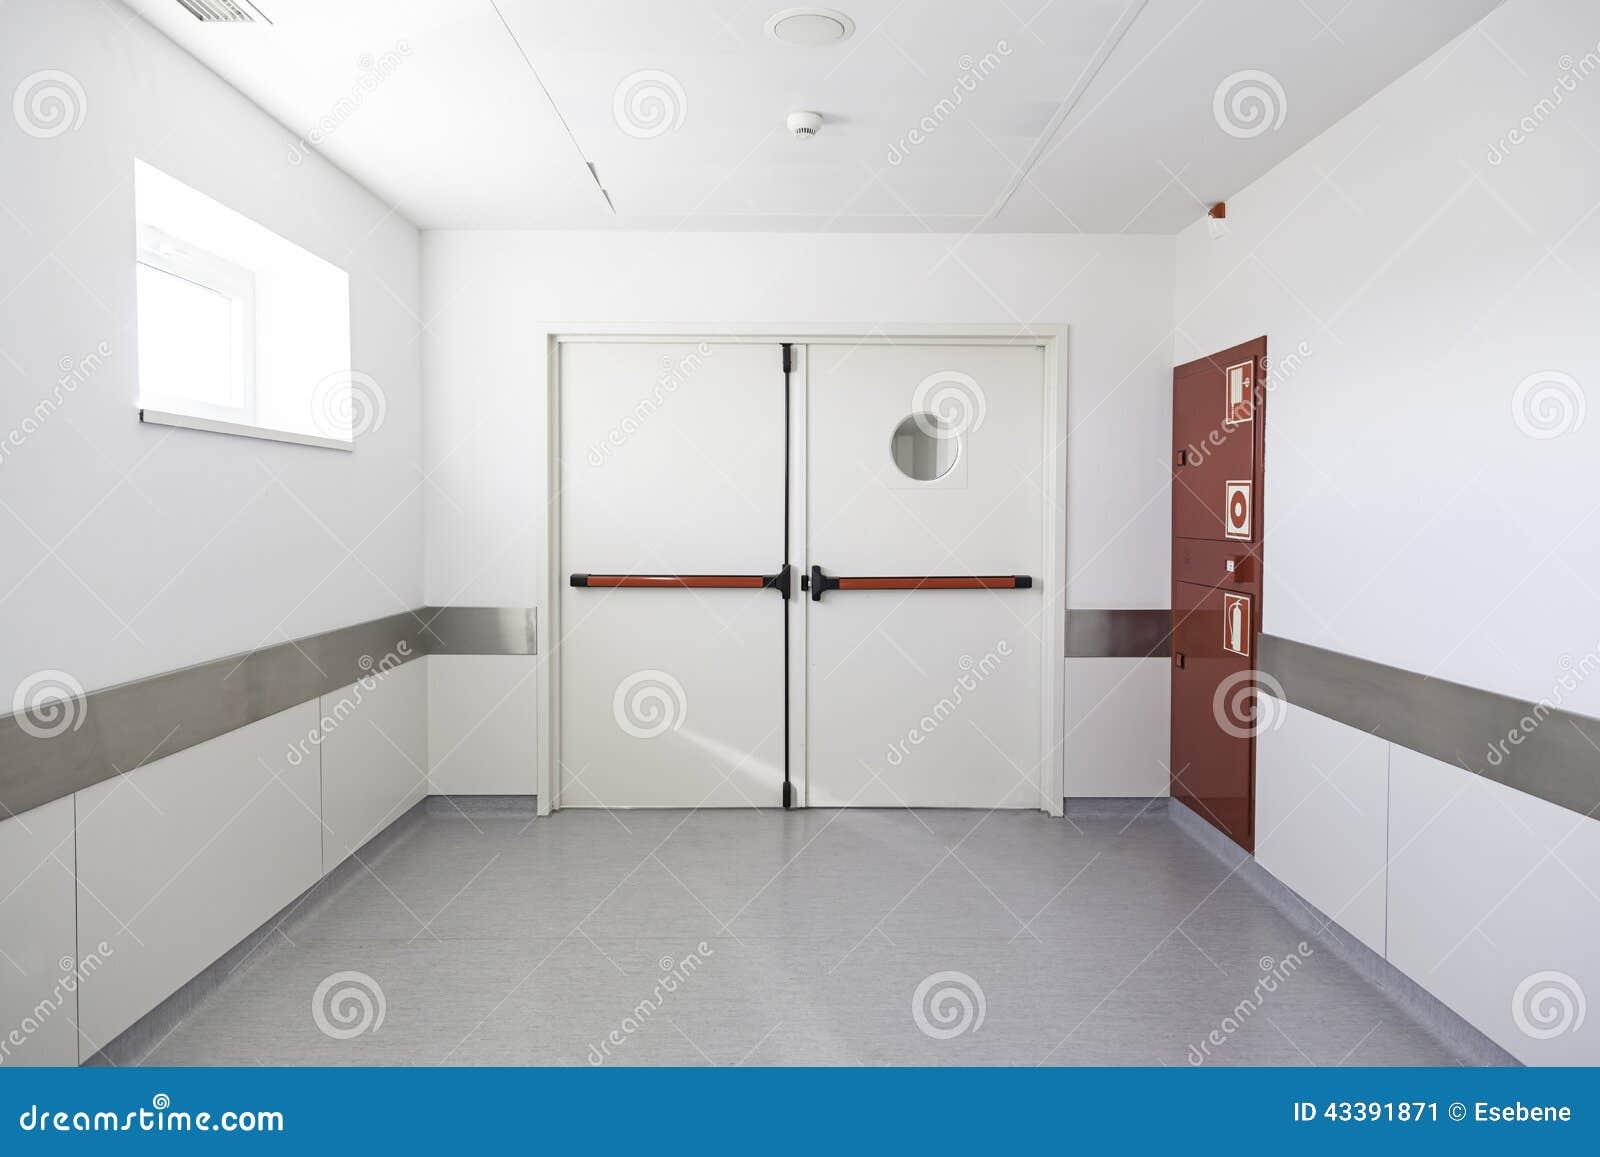 Fußboden Im Krankenhaus ~ Fußboden im krankenhaus » neuer fußboden für das springer